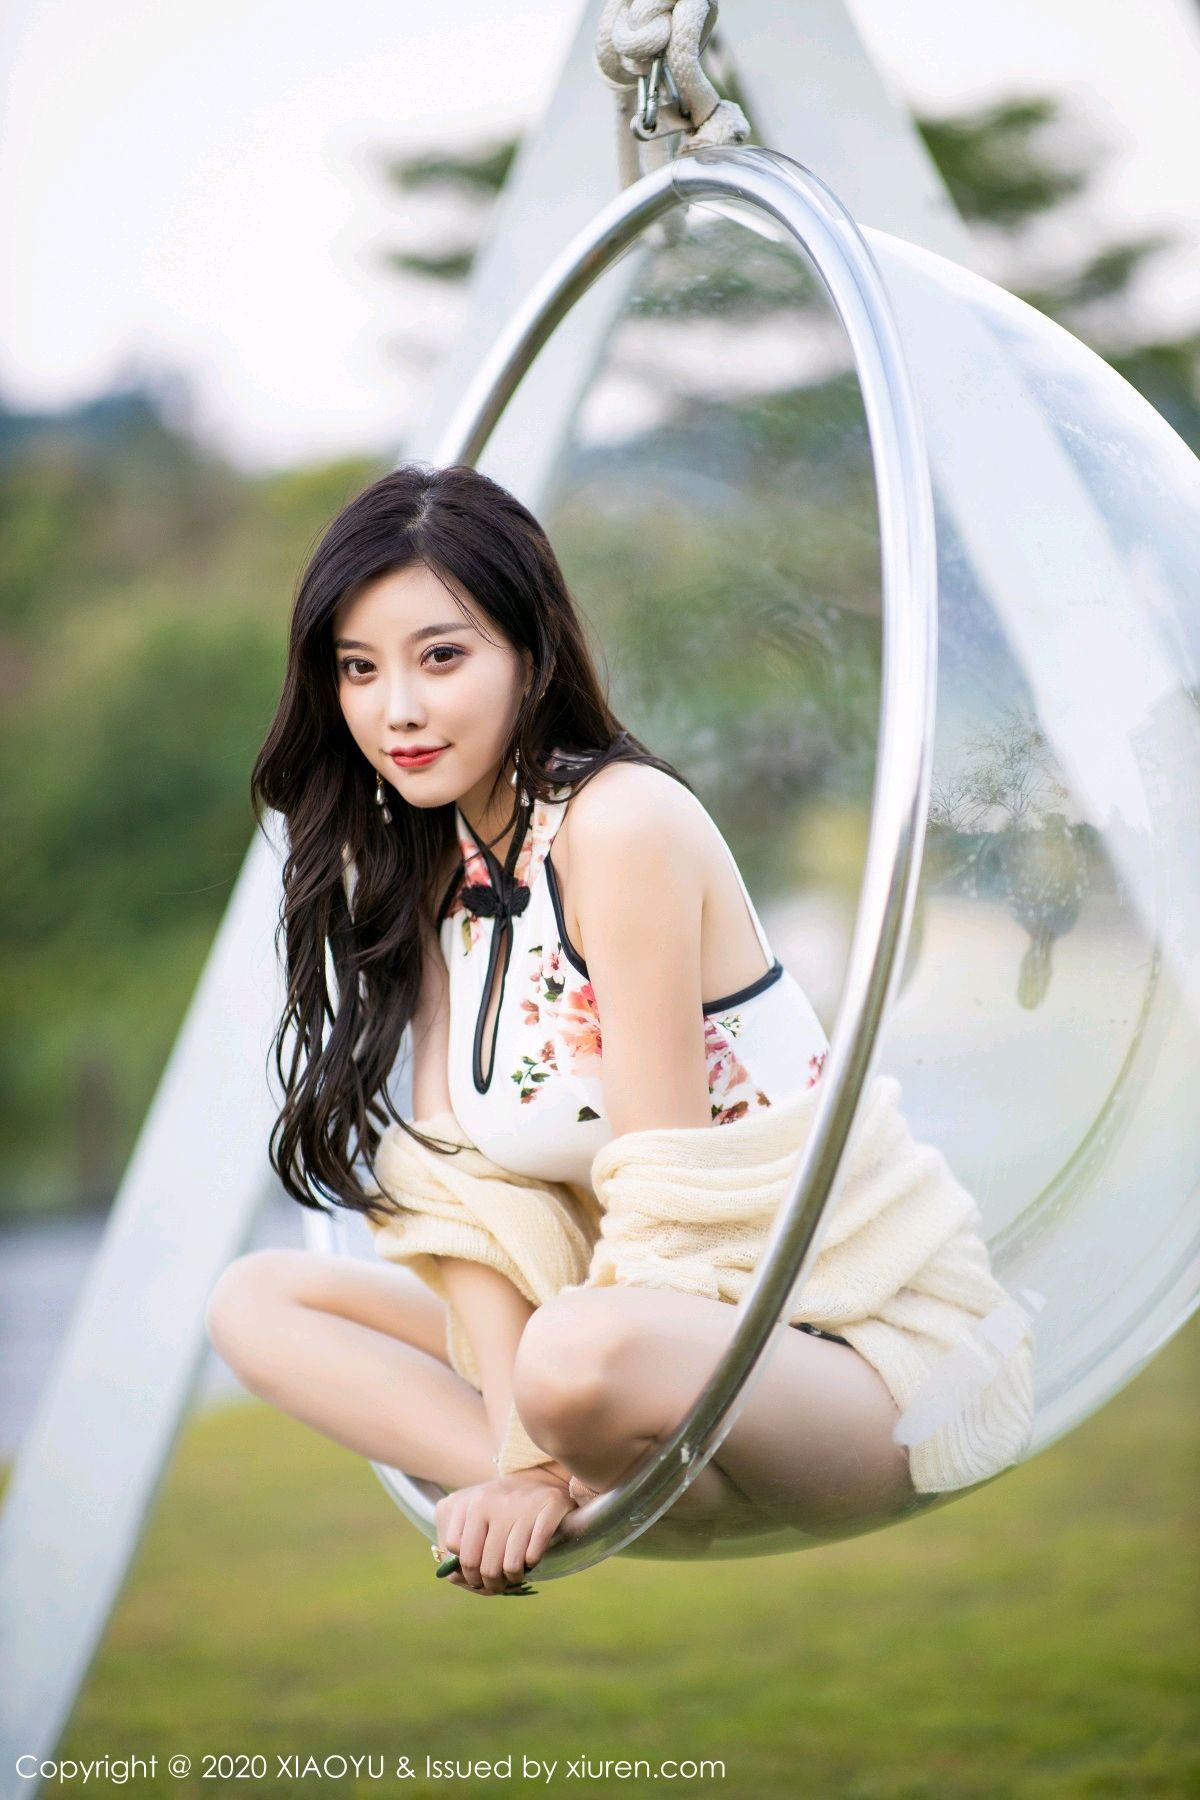 [XiaoYu] Vol.233 Yang Chen Chen 89P, Cheongsam, Foot, XiaoYu, Yang Chen Chen